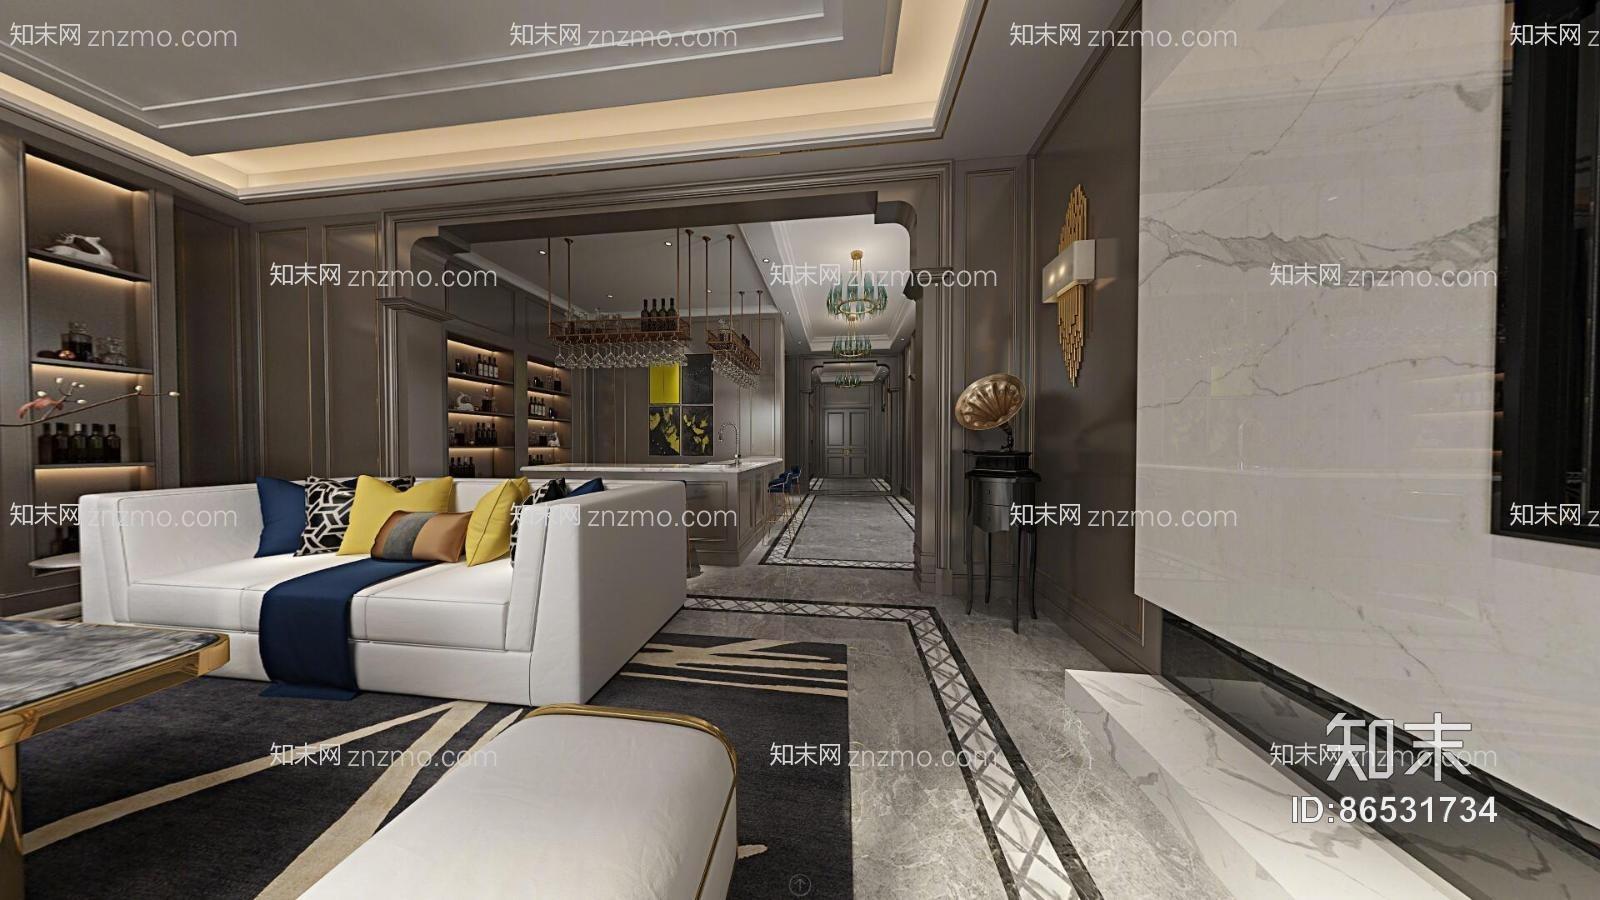 新古典客厅餐厅 吊灯 台灯 单双人沙发 茶几 吧台 高脚凳 摆件